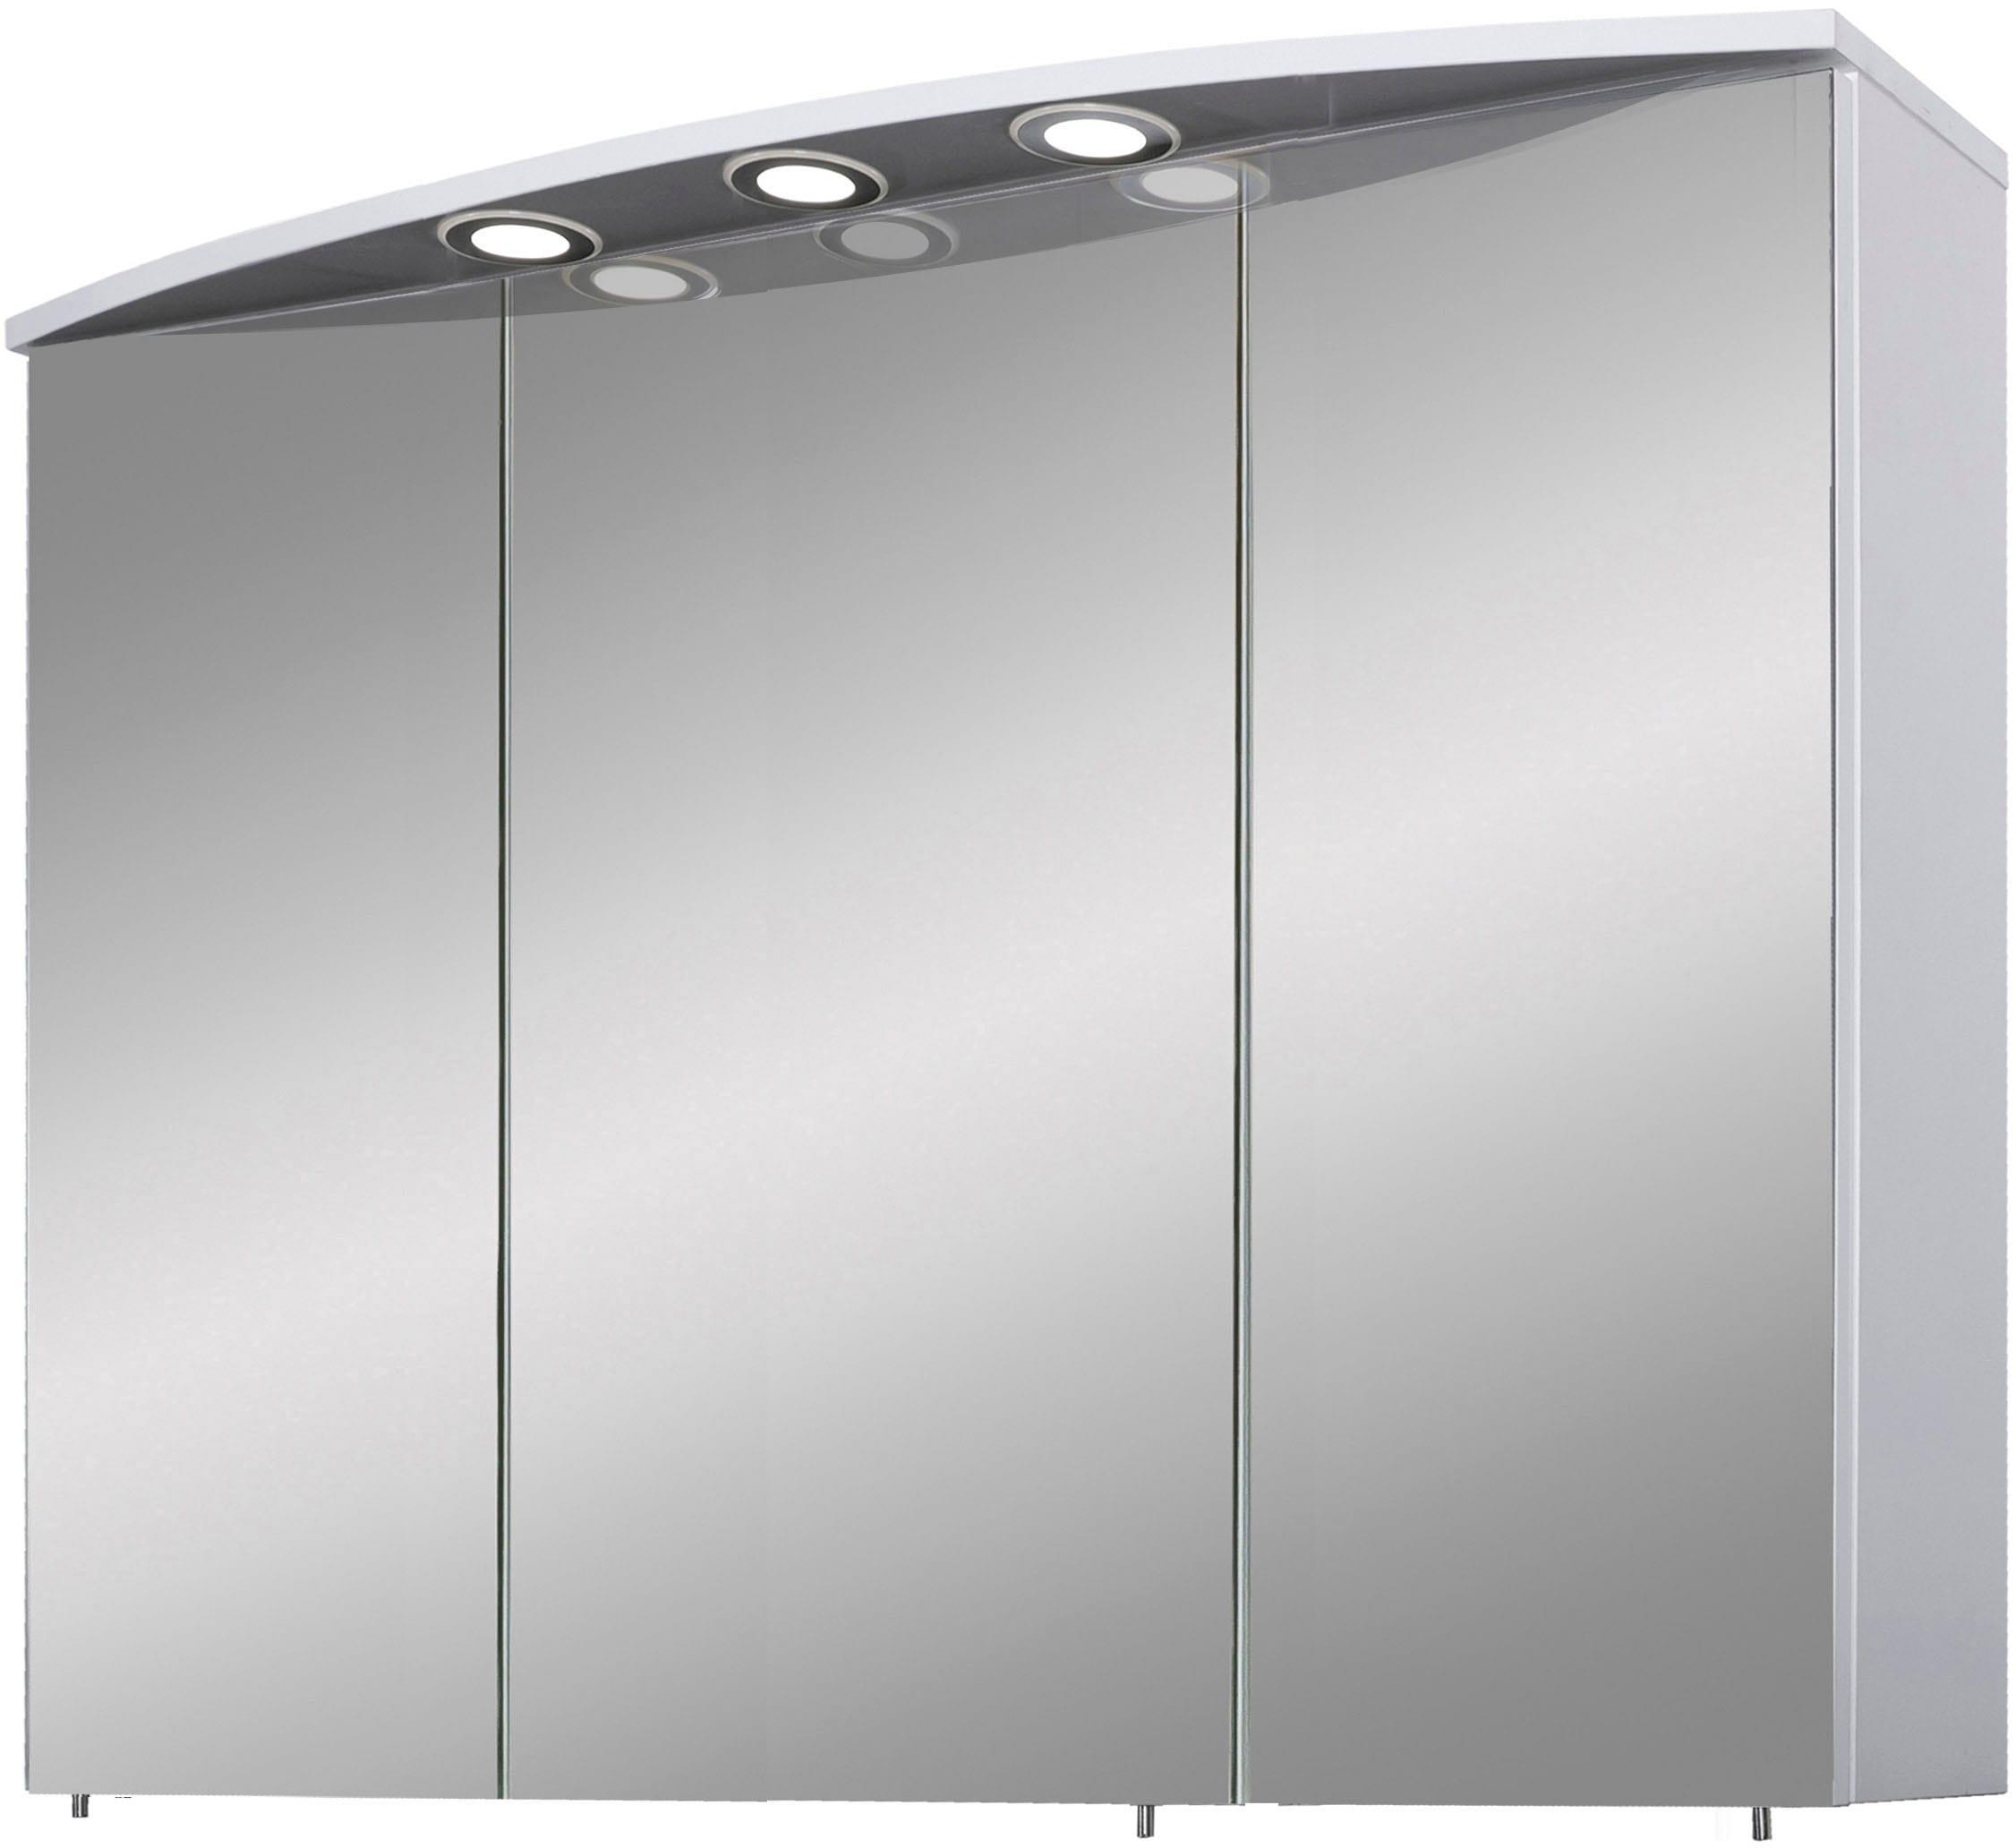 Schildmeyer Spiegelschrank Verona, Breite 120 cm, 3-türig, 3 LED-Einbaustrahler, Schalter-/Steckdosenbox, Glaseinlegeböden, Made in Germany